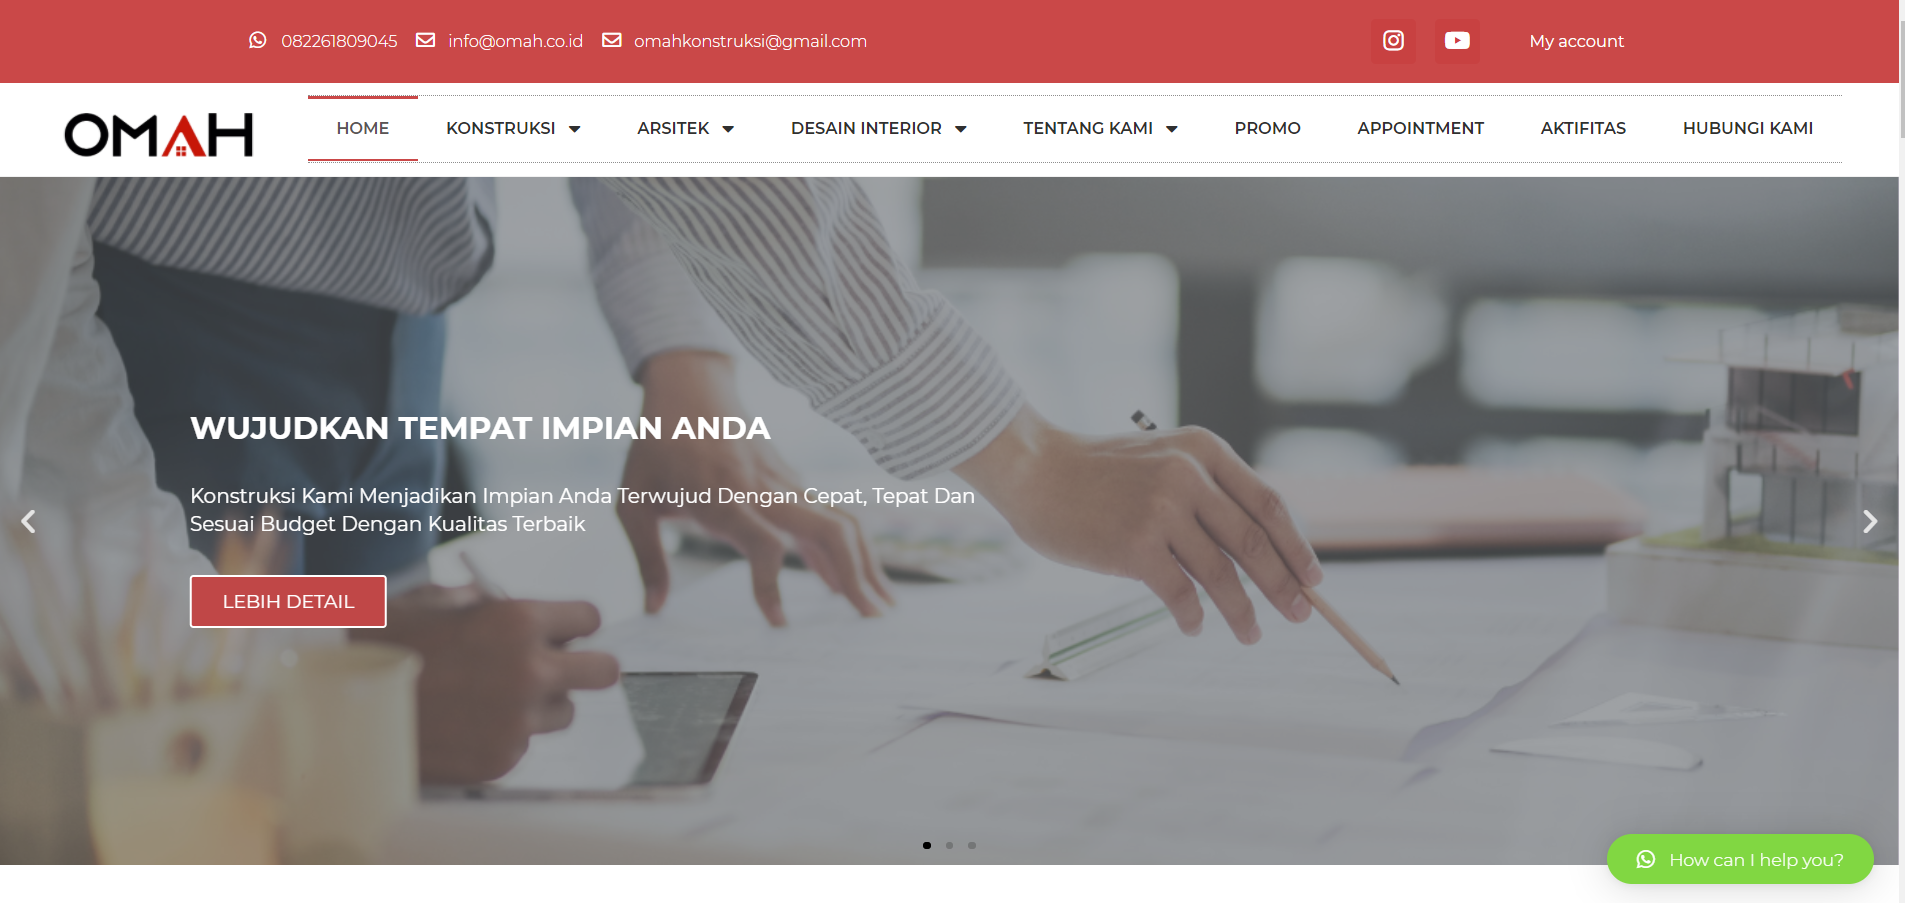 website omah